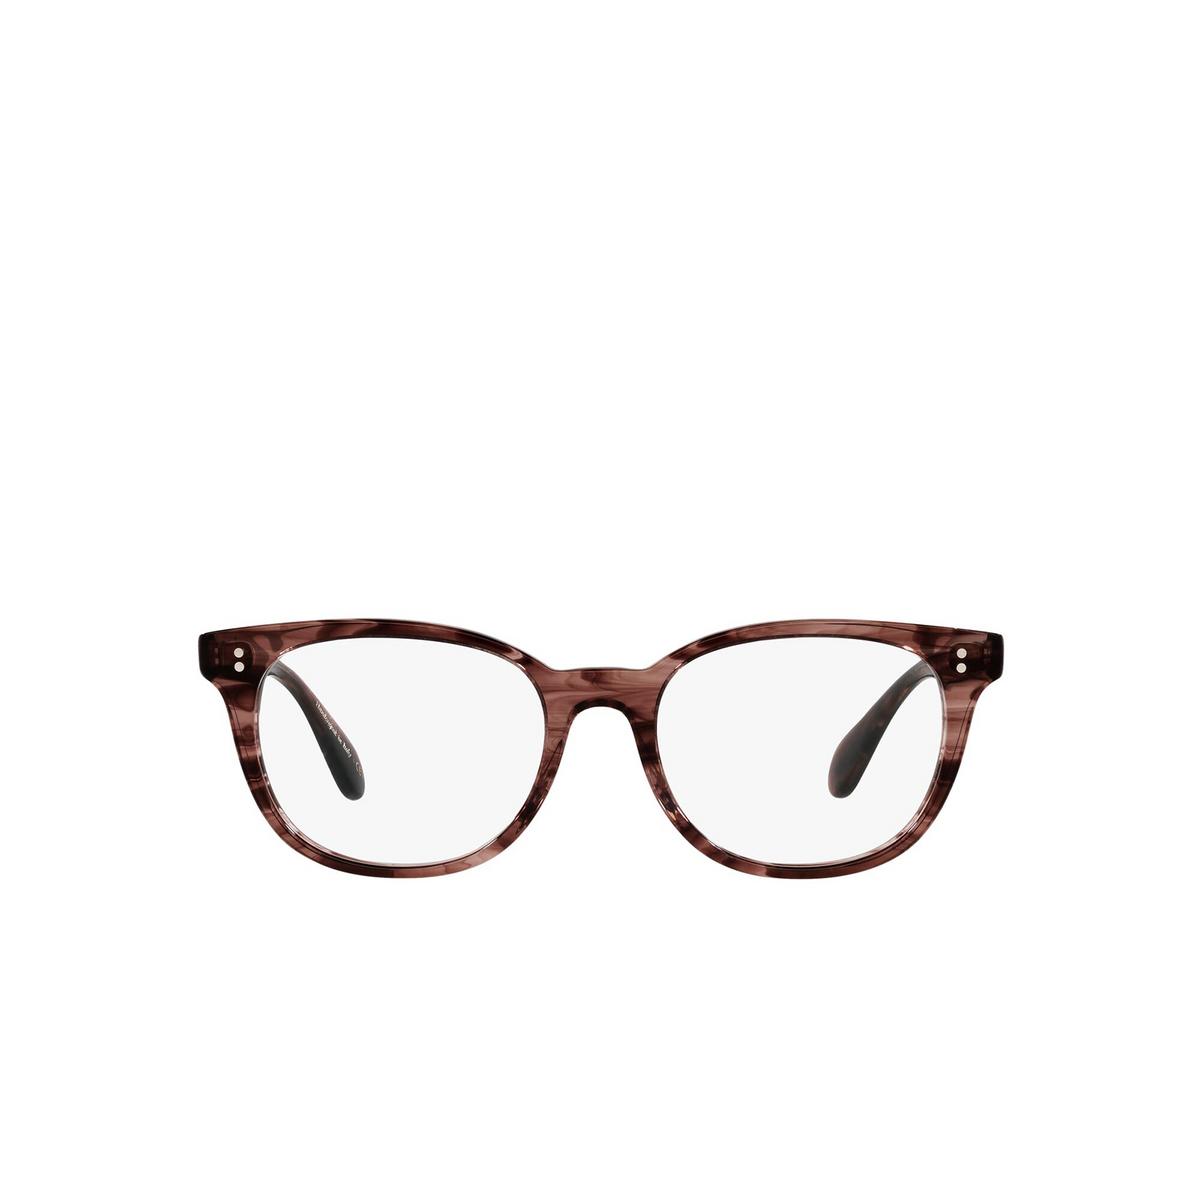 Oliver Peoples® Cat-eye Eyeglasses: Hildie OV5457U color Merlot Smoke 1690 - front view.